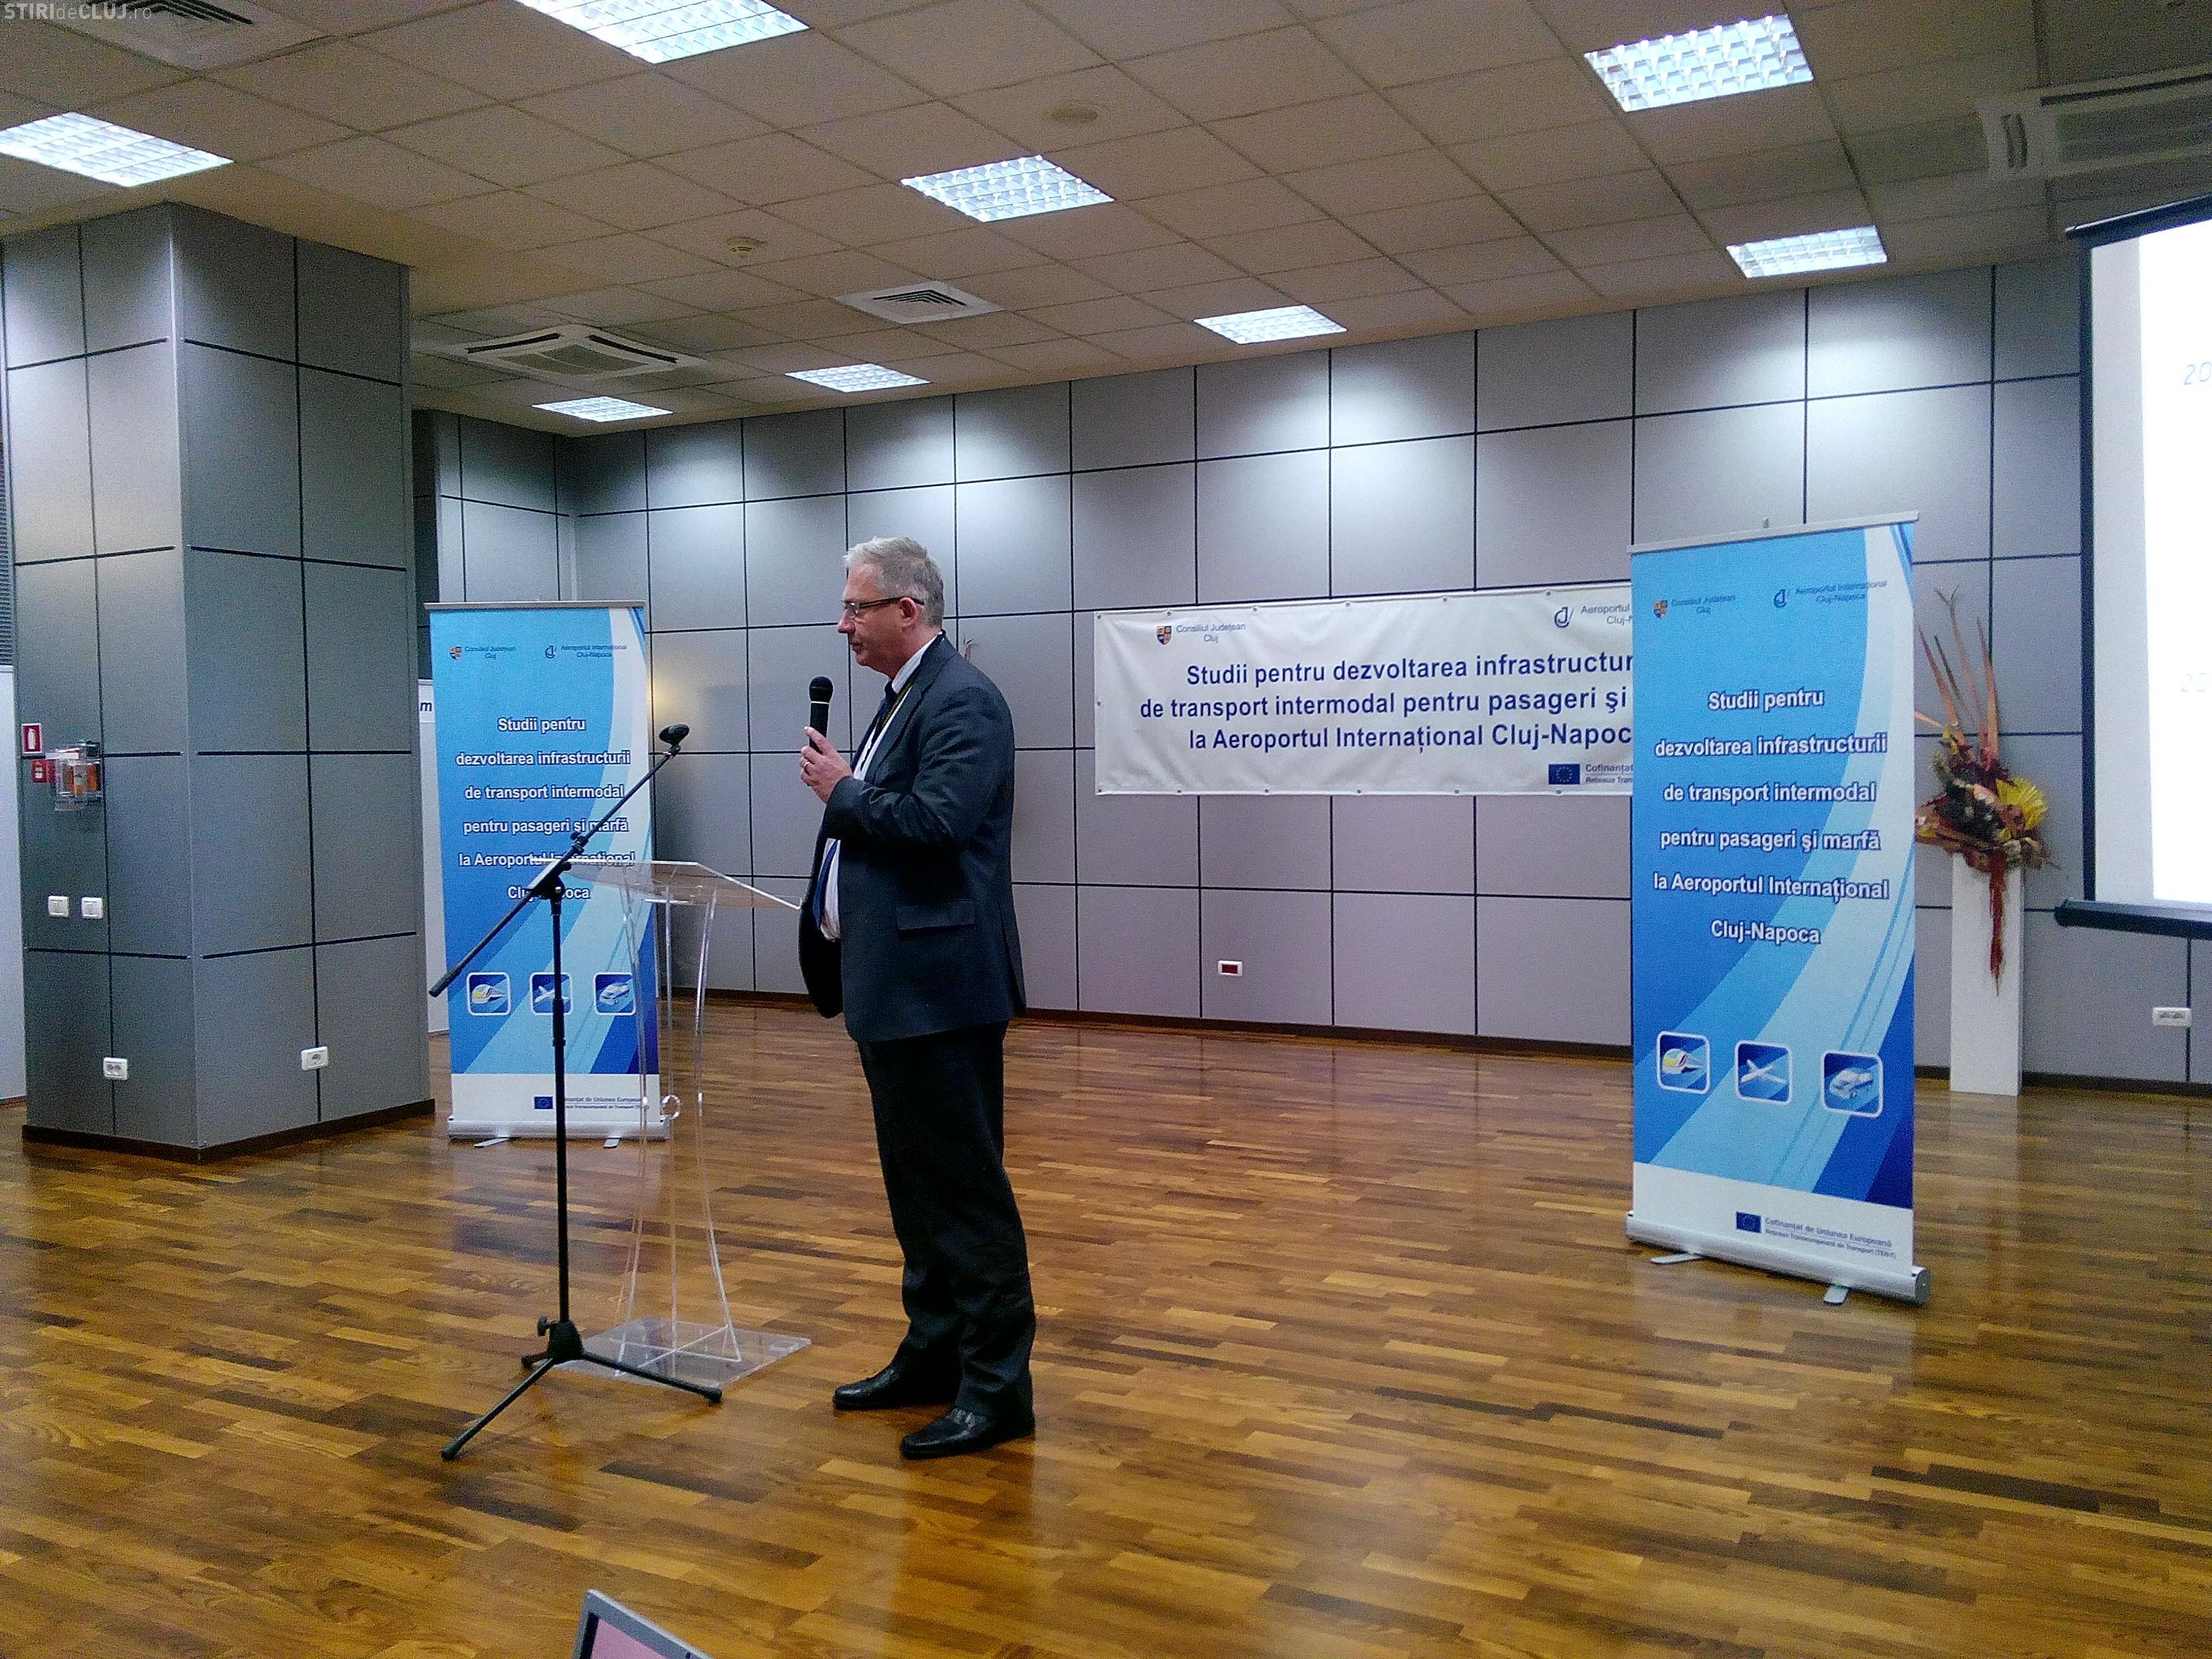 Număr record de pasageri pentru Aeroportul Internațional din Cluj-Napoca. Ce curse noi se vor inaugura